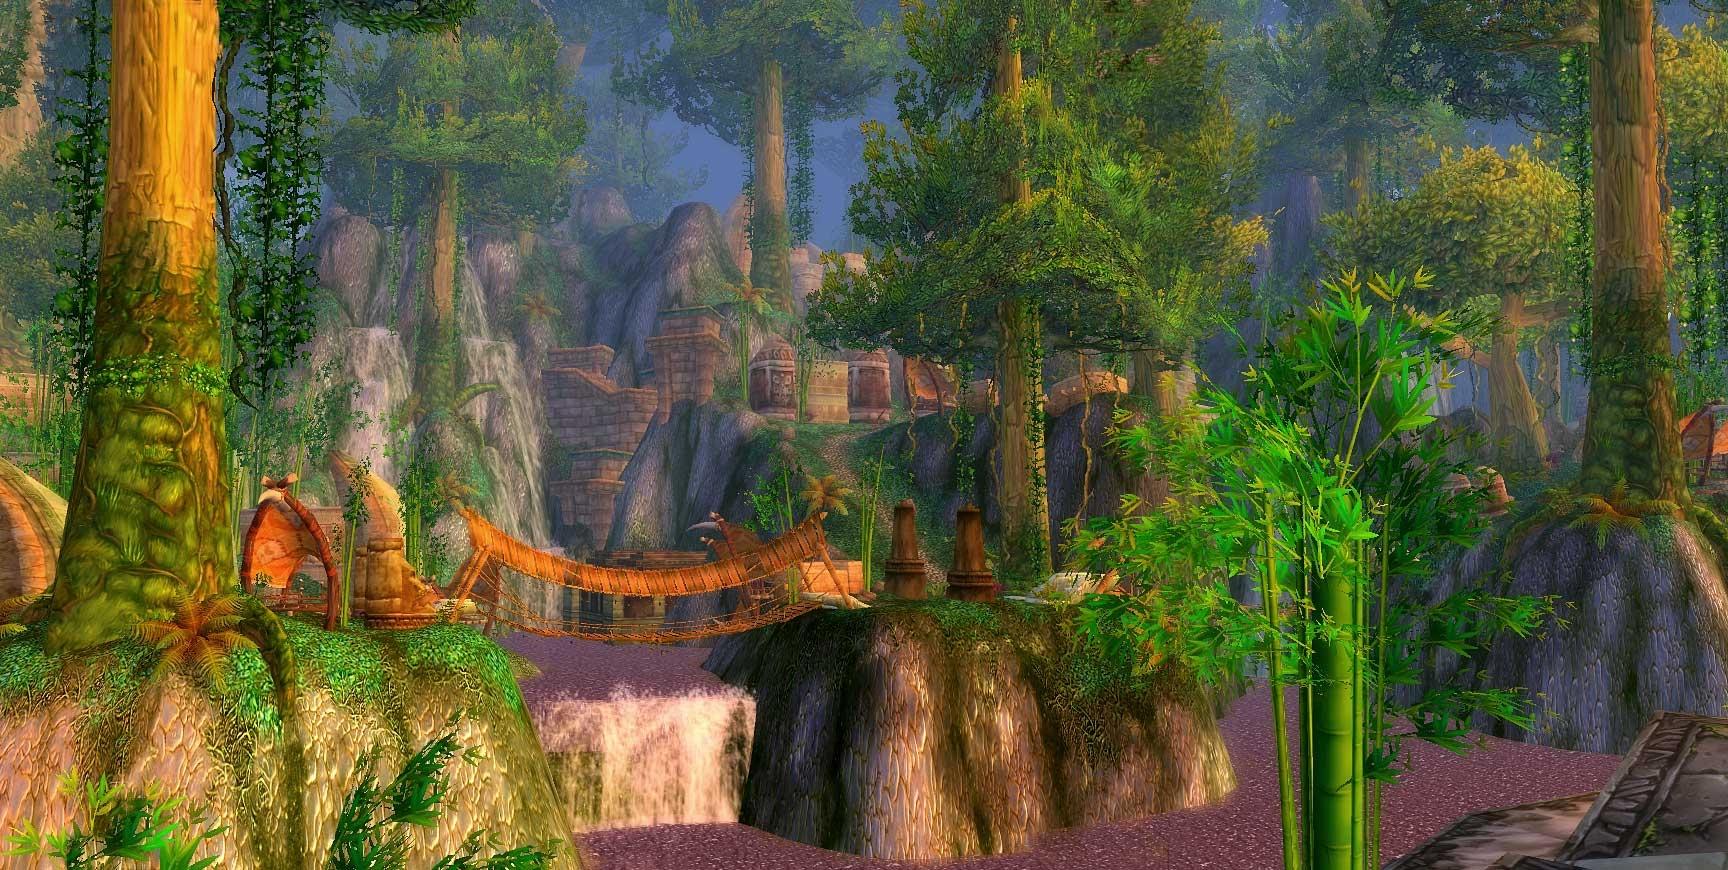 Zul'Gurub hors instance, en contournant le portail d'entrée (image de WoW-Underground)